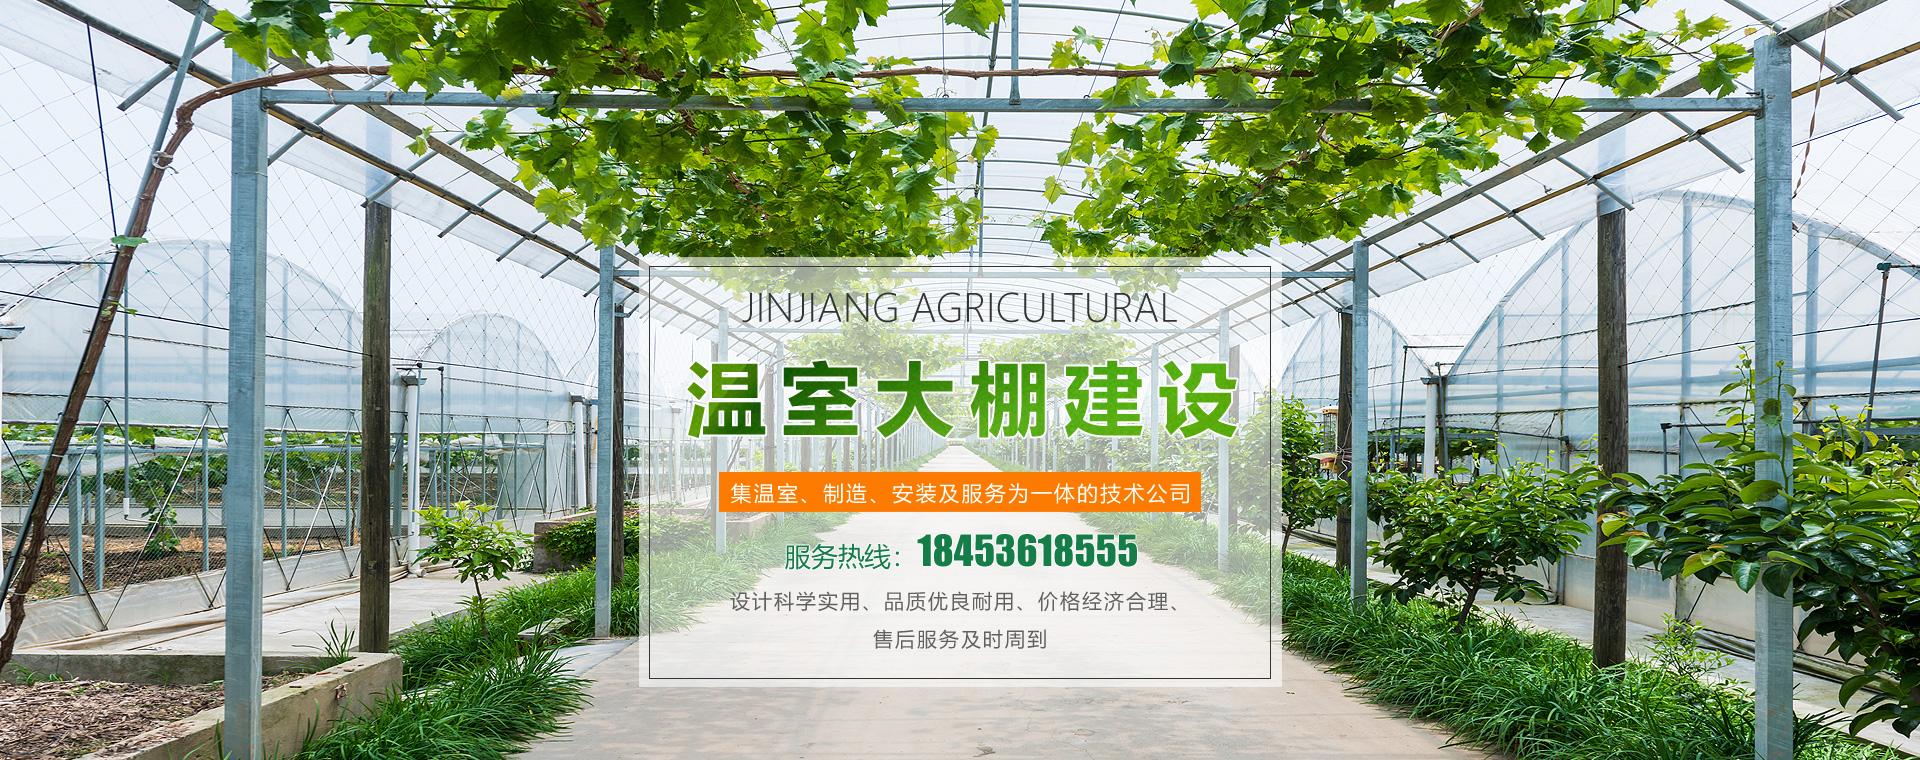 青州市金江农业科技有限公司